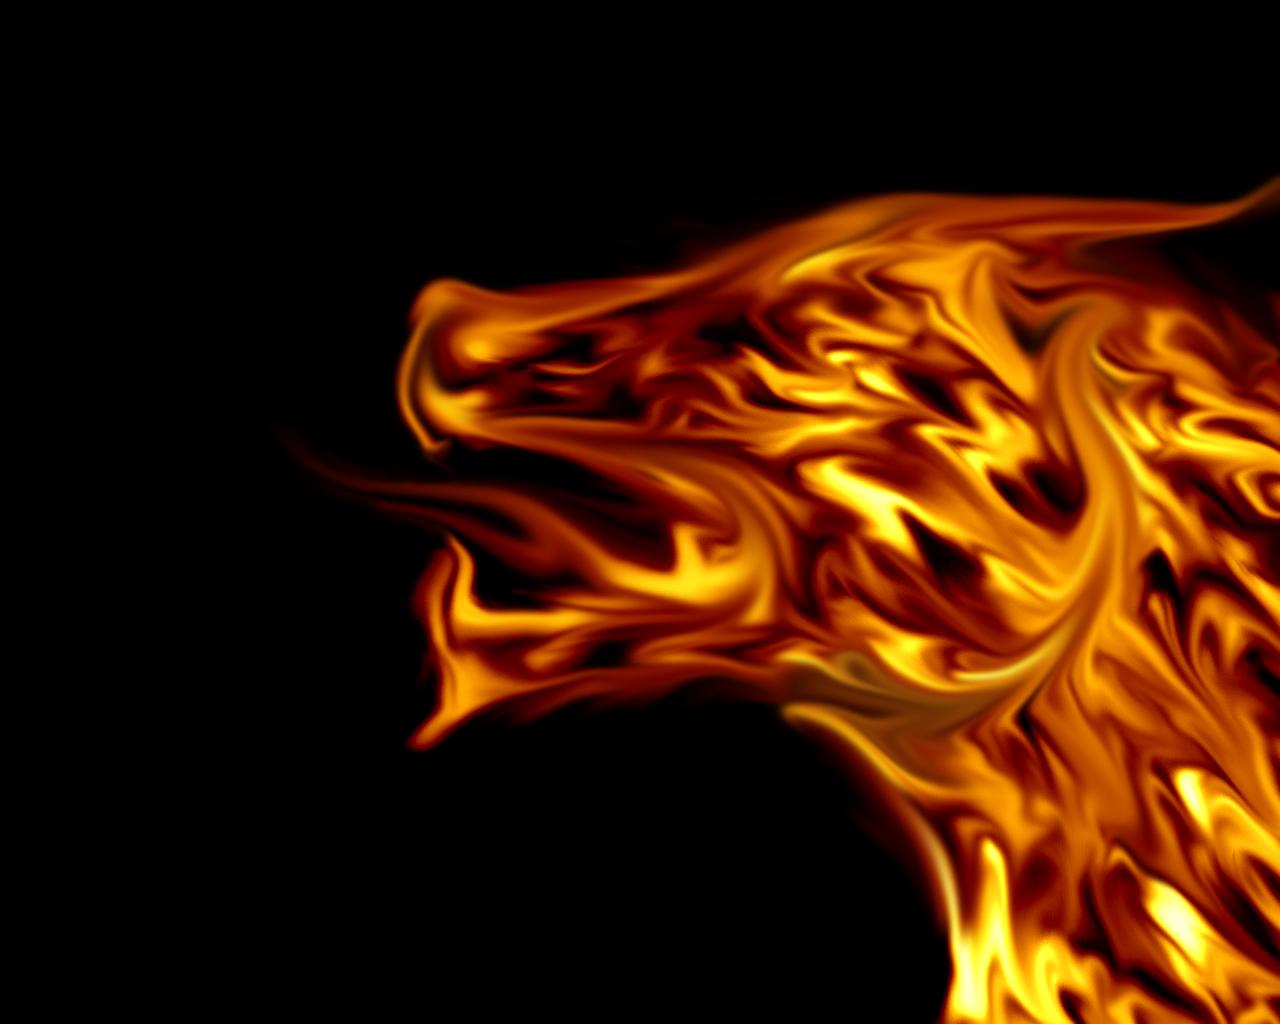 Fire Wallpapers HD Download Wallpaper DaWallpaperz 1280x1024